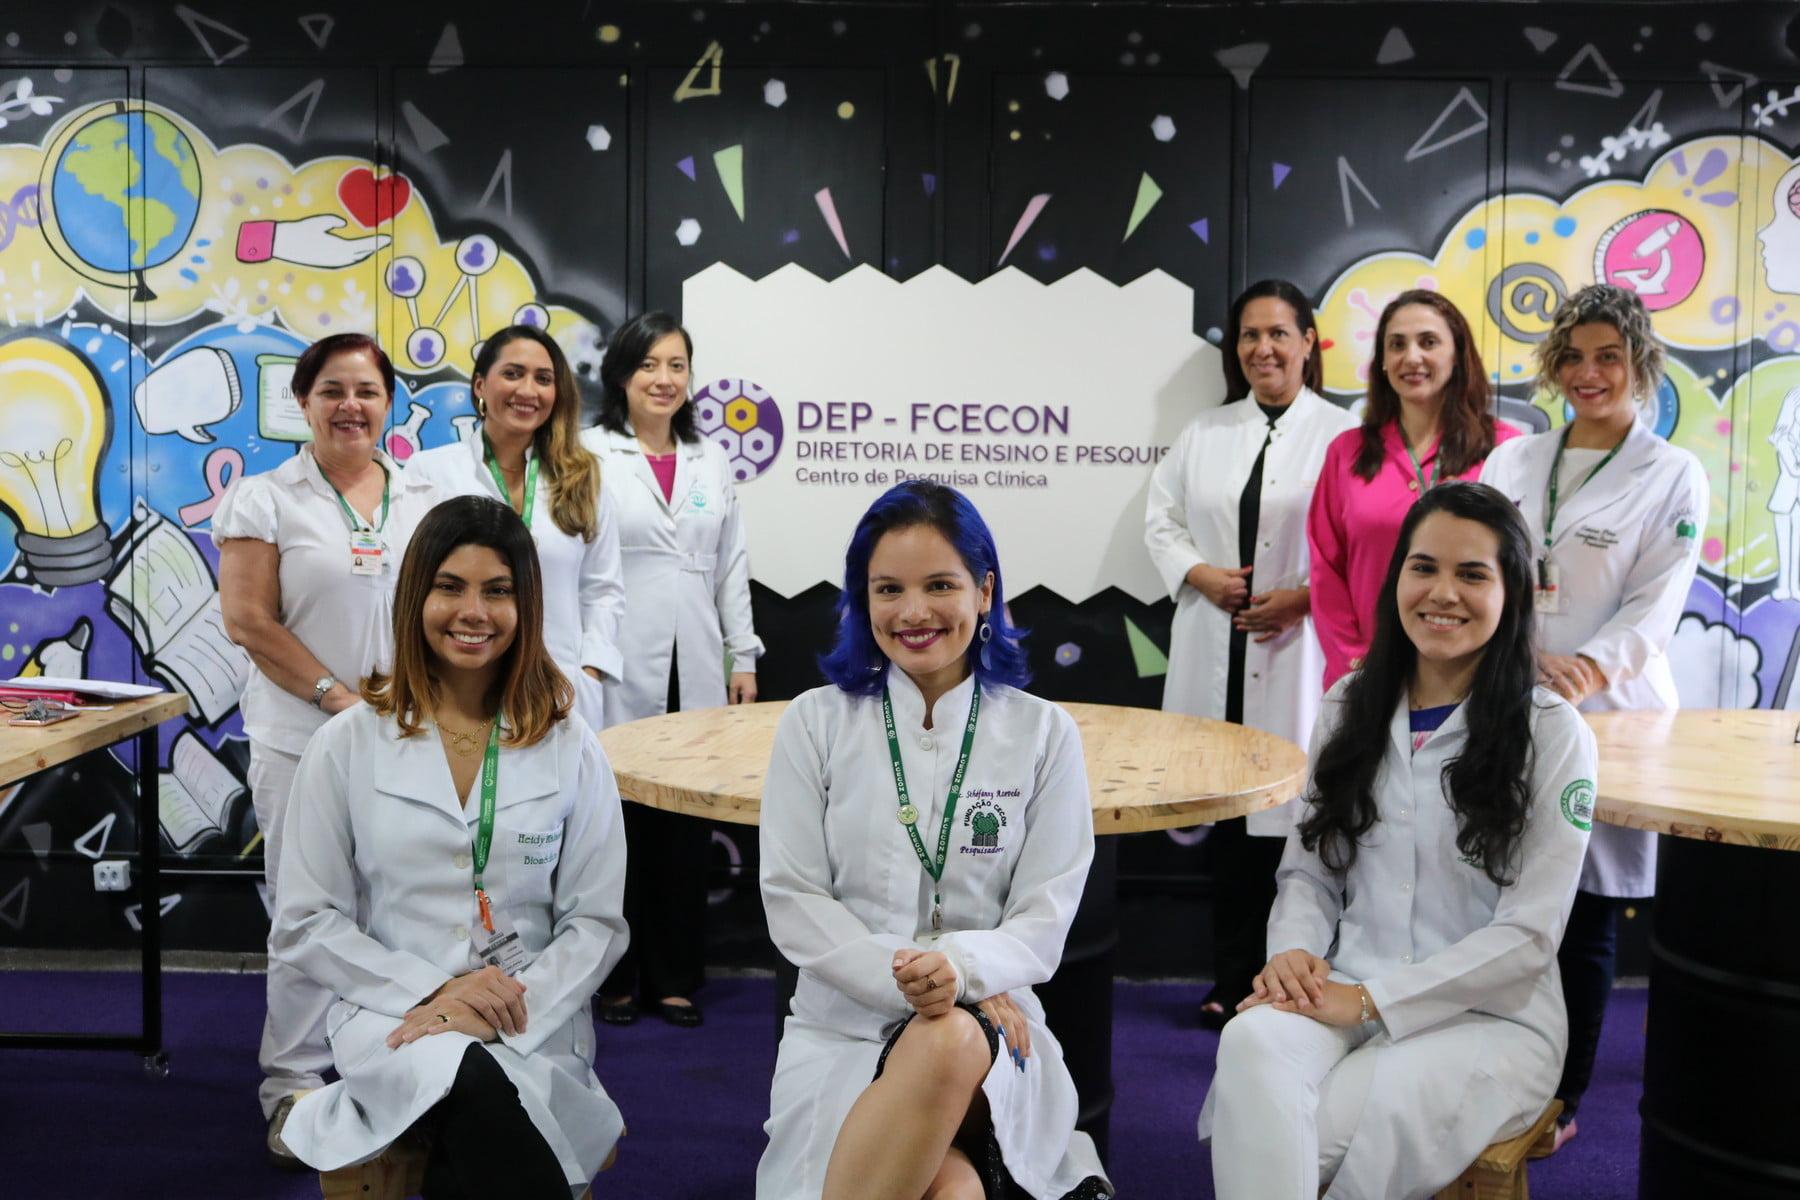 DIA INTERNACIONAL DE MULHERES E MENINAS NA CIÊNCIA – Na FCecon 91 mulheres se dedicam à pesquisa científica